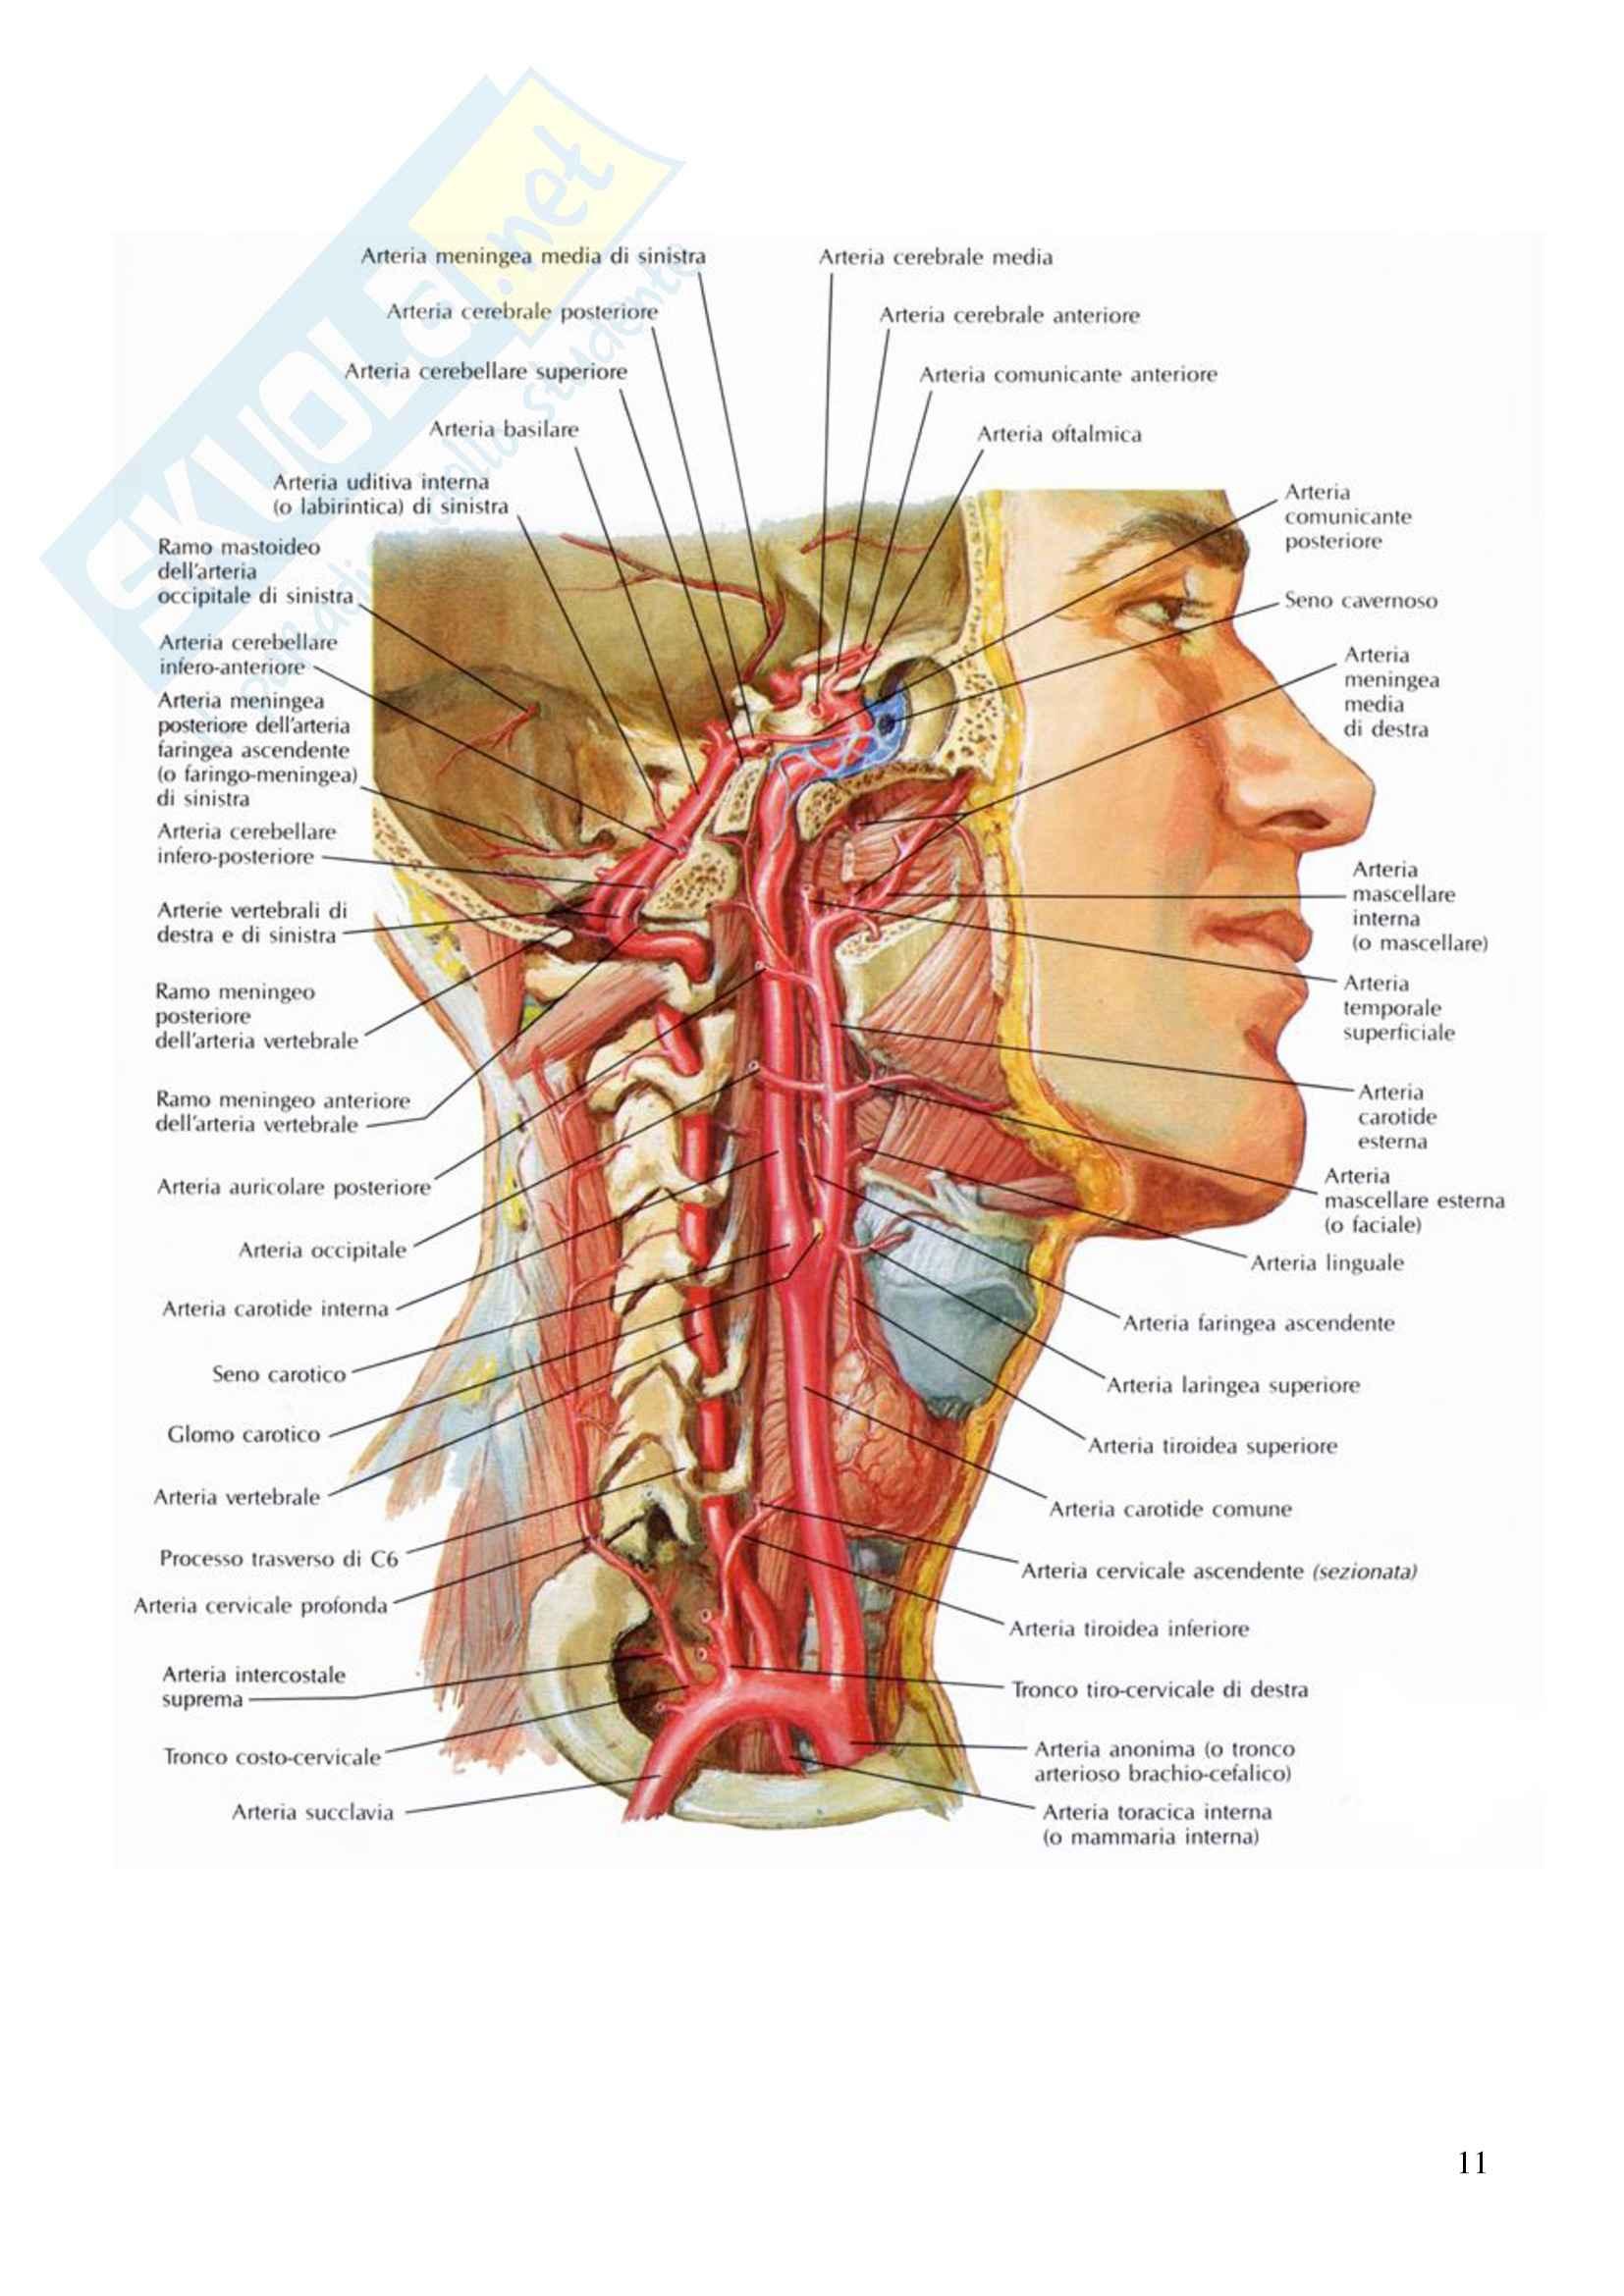 Vascolarizzazione del cranio, Anatomia dell'Apparato stomatognatico Pag. 11